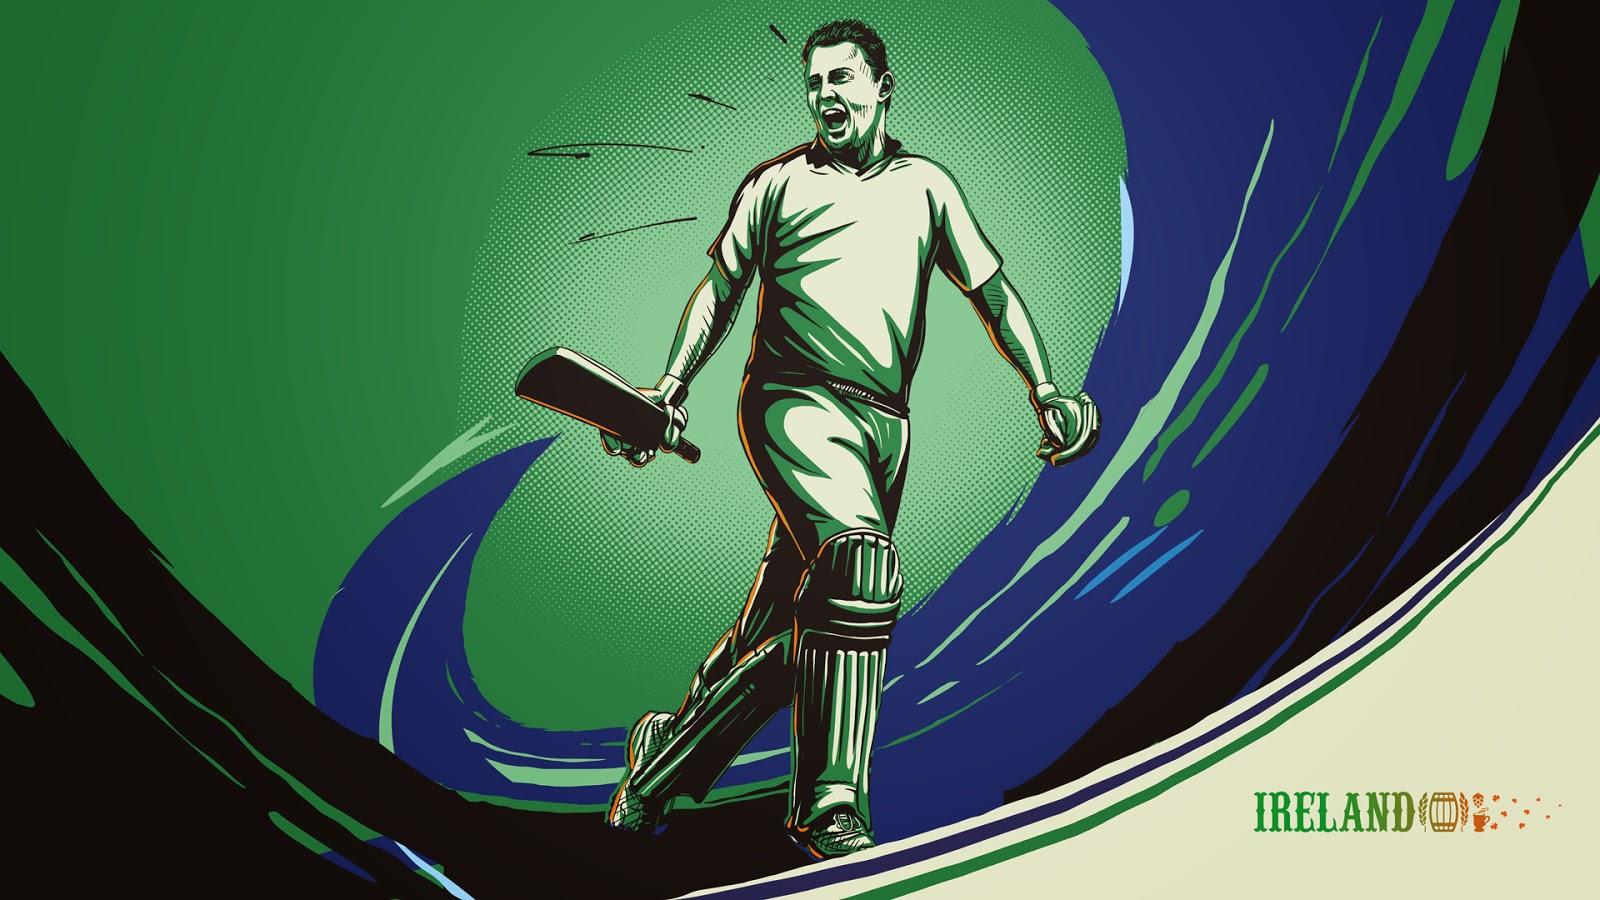 William Porterfield Ireland Cricketer illustration sketch